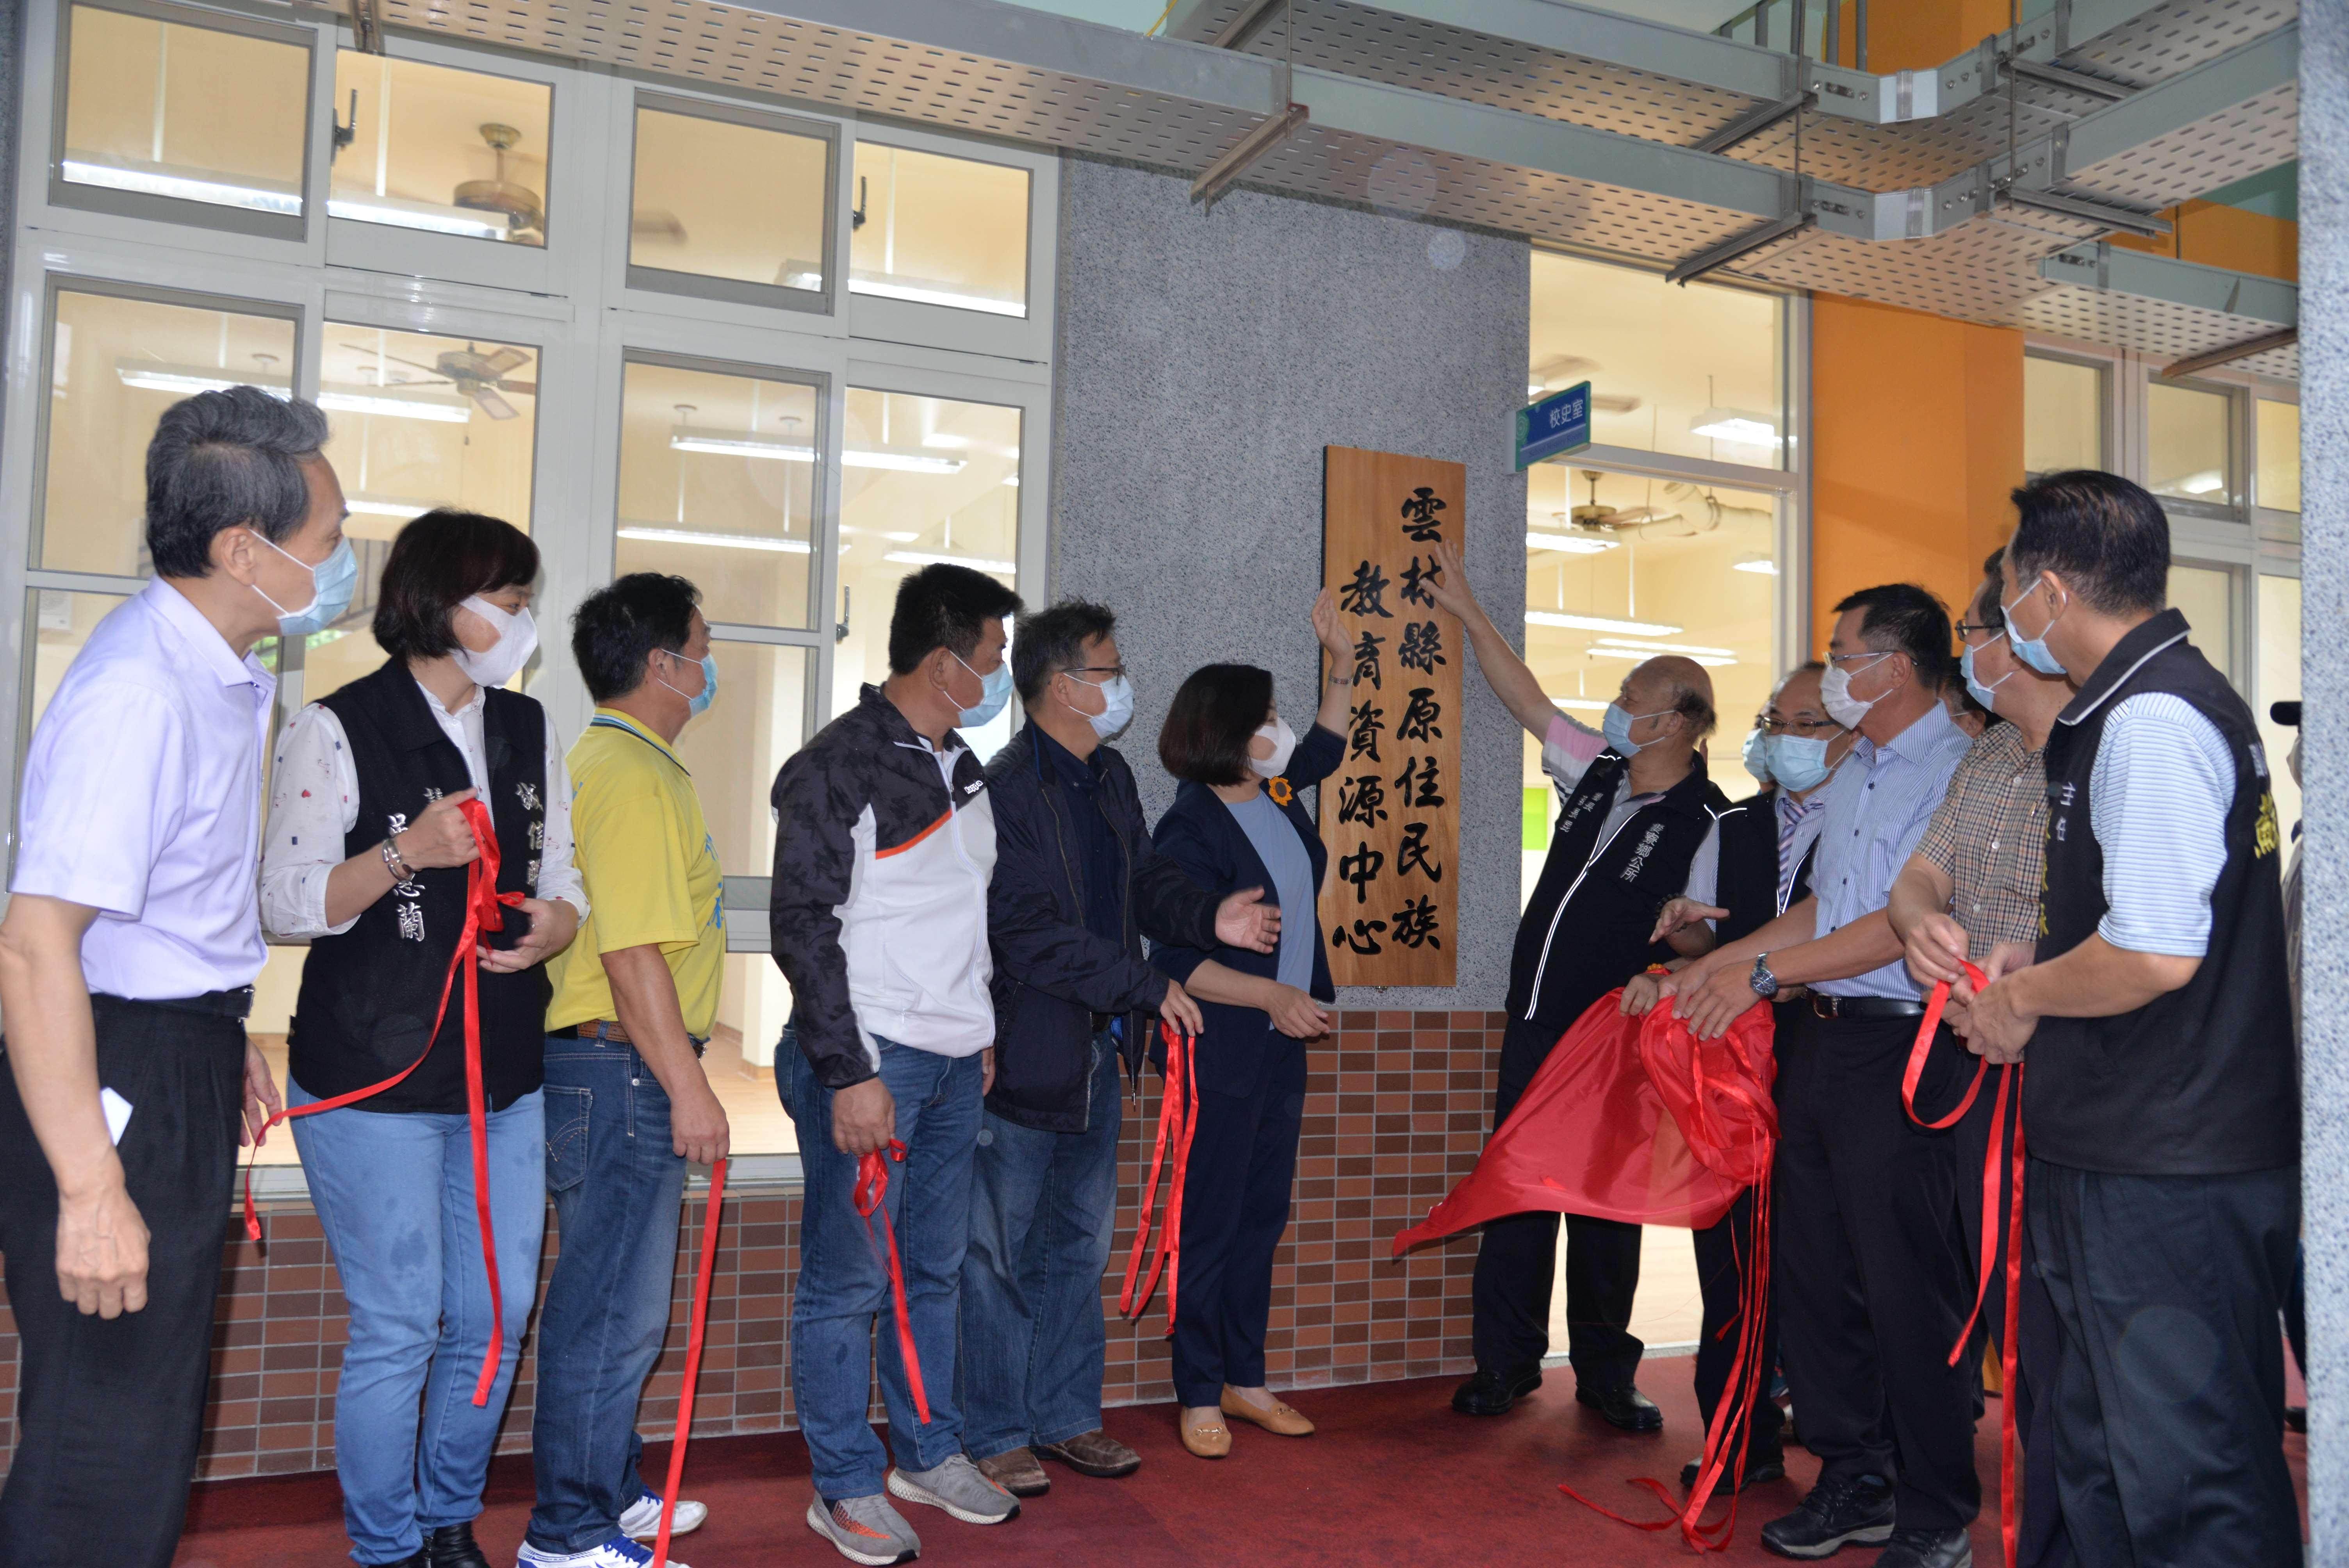 「雲林縣原住民族教育資源中心」今同步揭牌